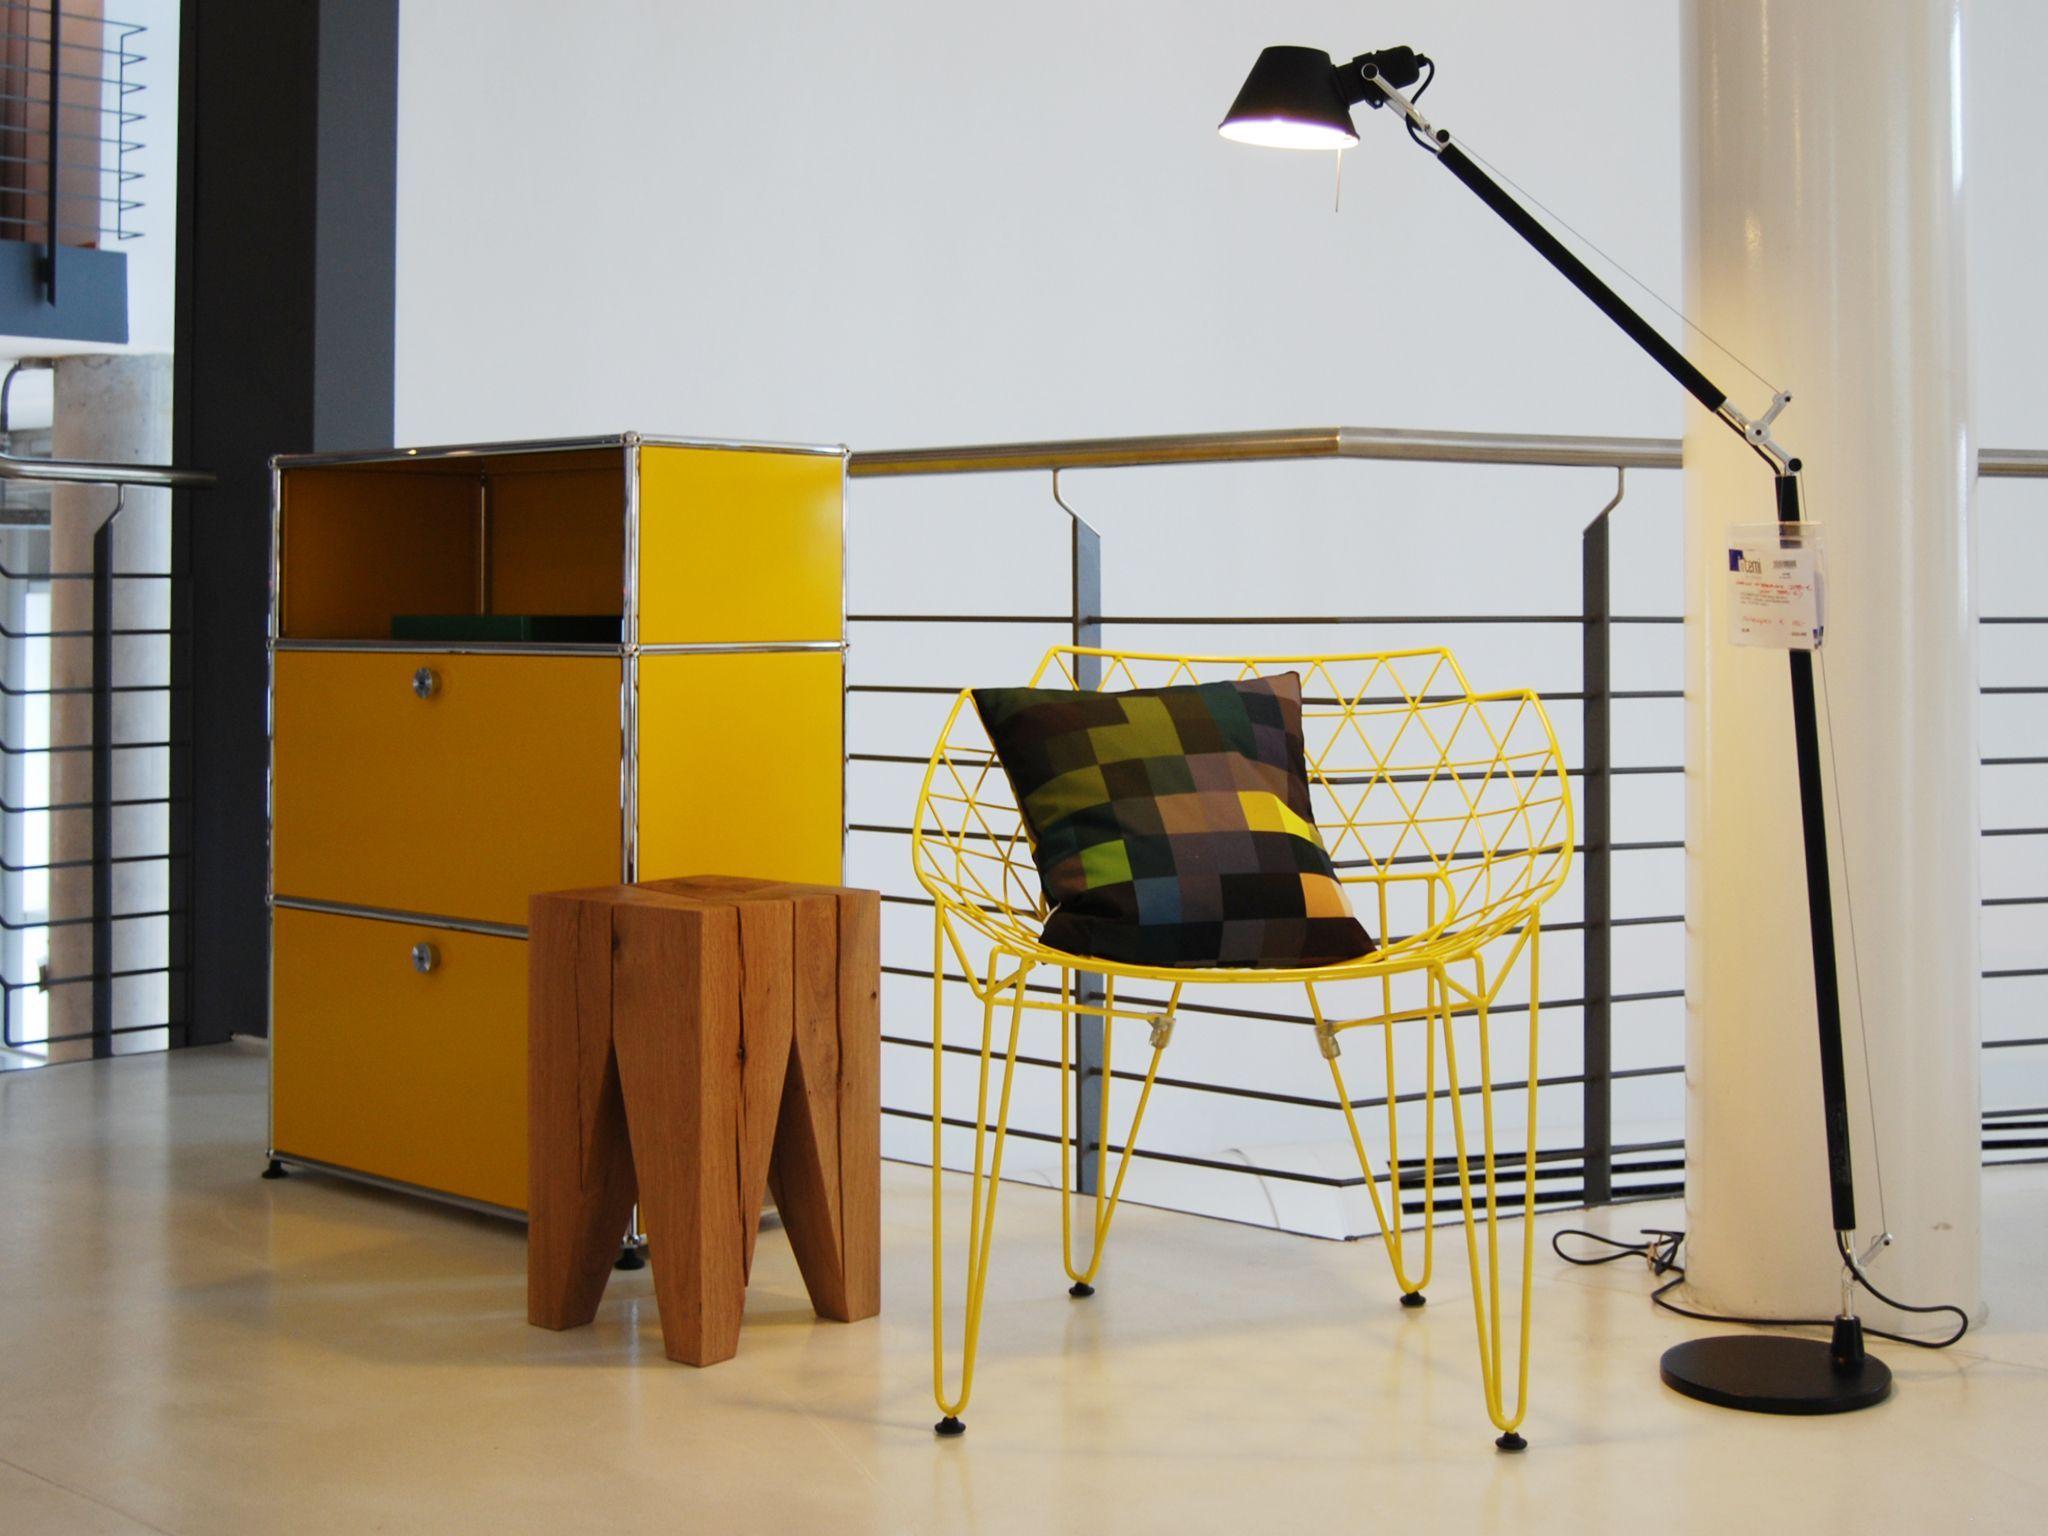 Usm Haller Modular Furniture In Golden Yellow Exhibition At Interni